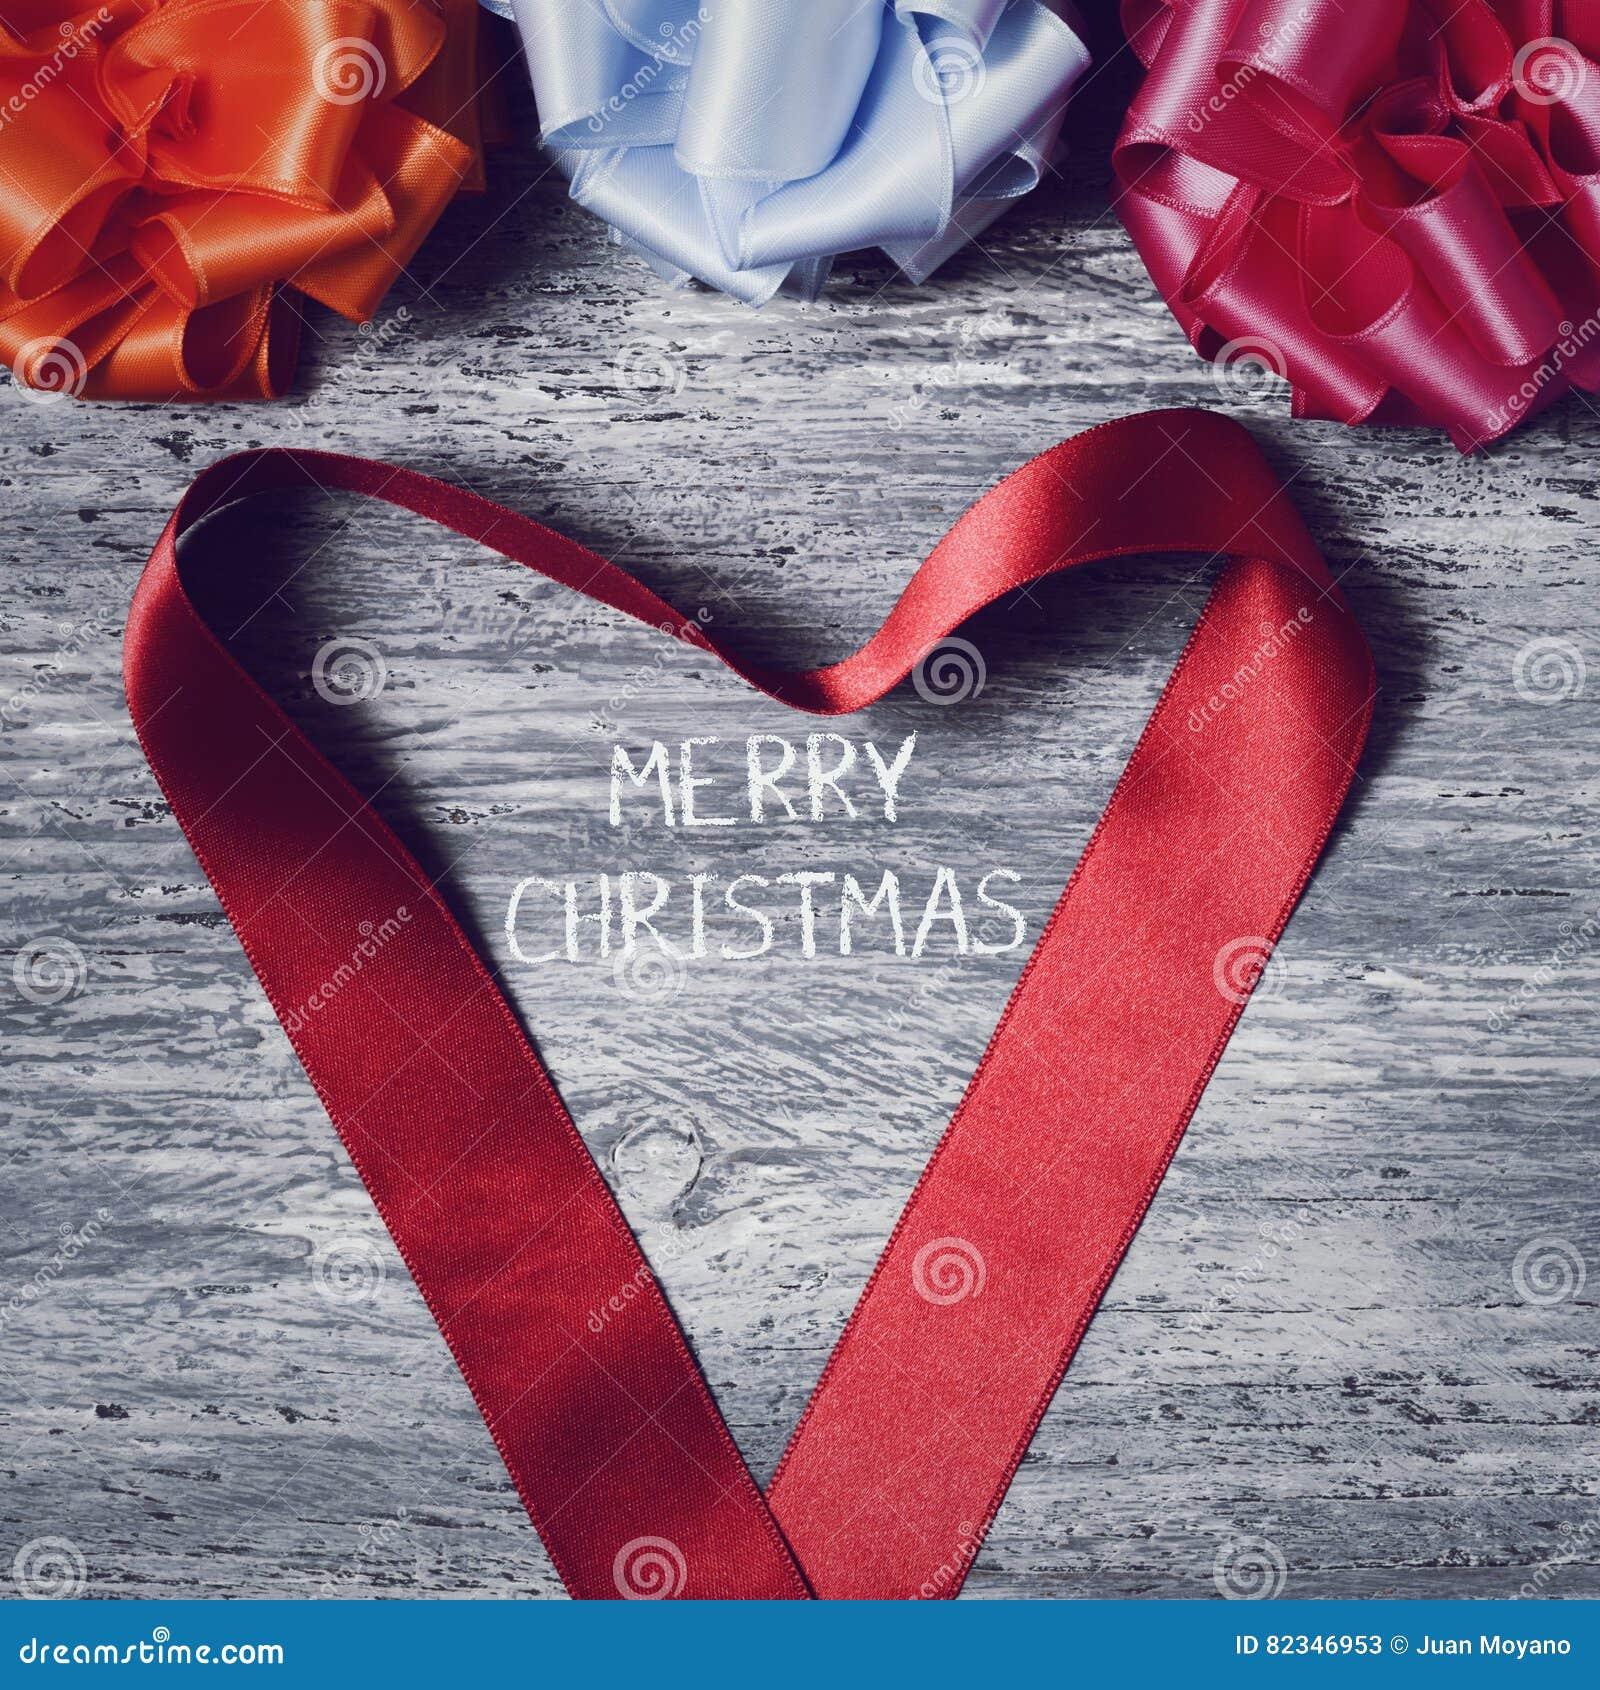 Geschenkband Frohe Weihnachten.Geschenkbandbogen Und Frohe Weihnachten Des Textes Stockbild